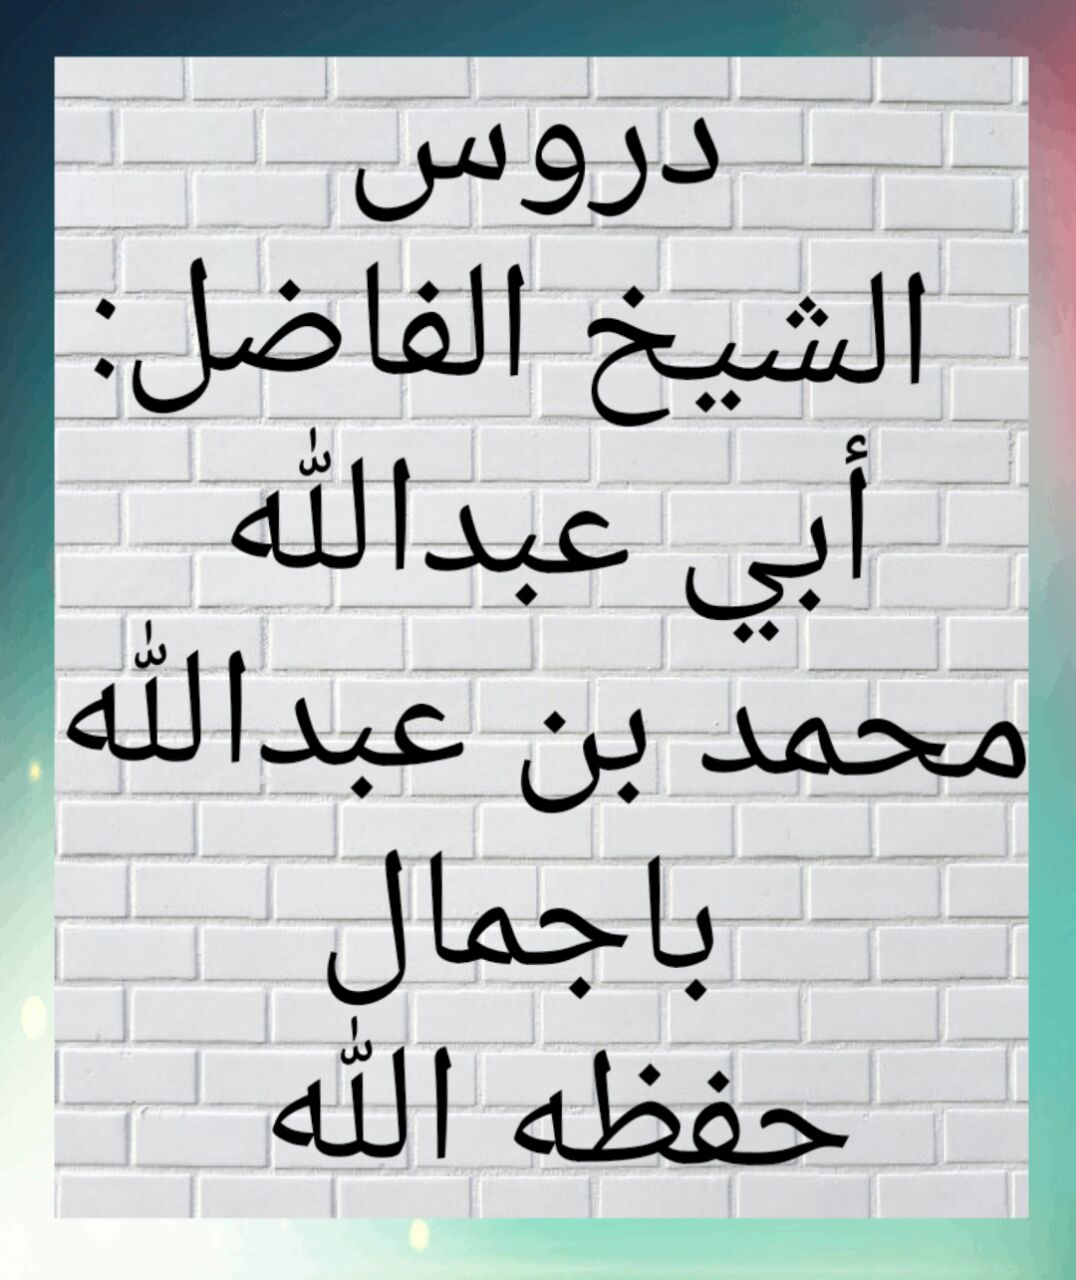 قراءة وتعليق على رسالة في باب الصيام للإمام النجدي